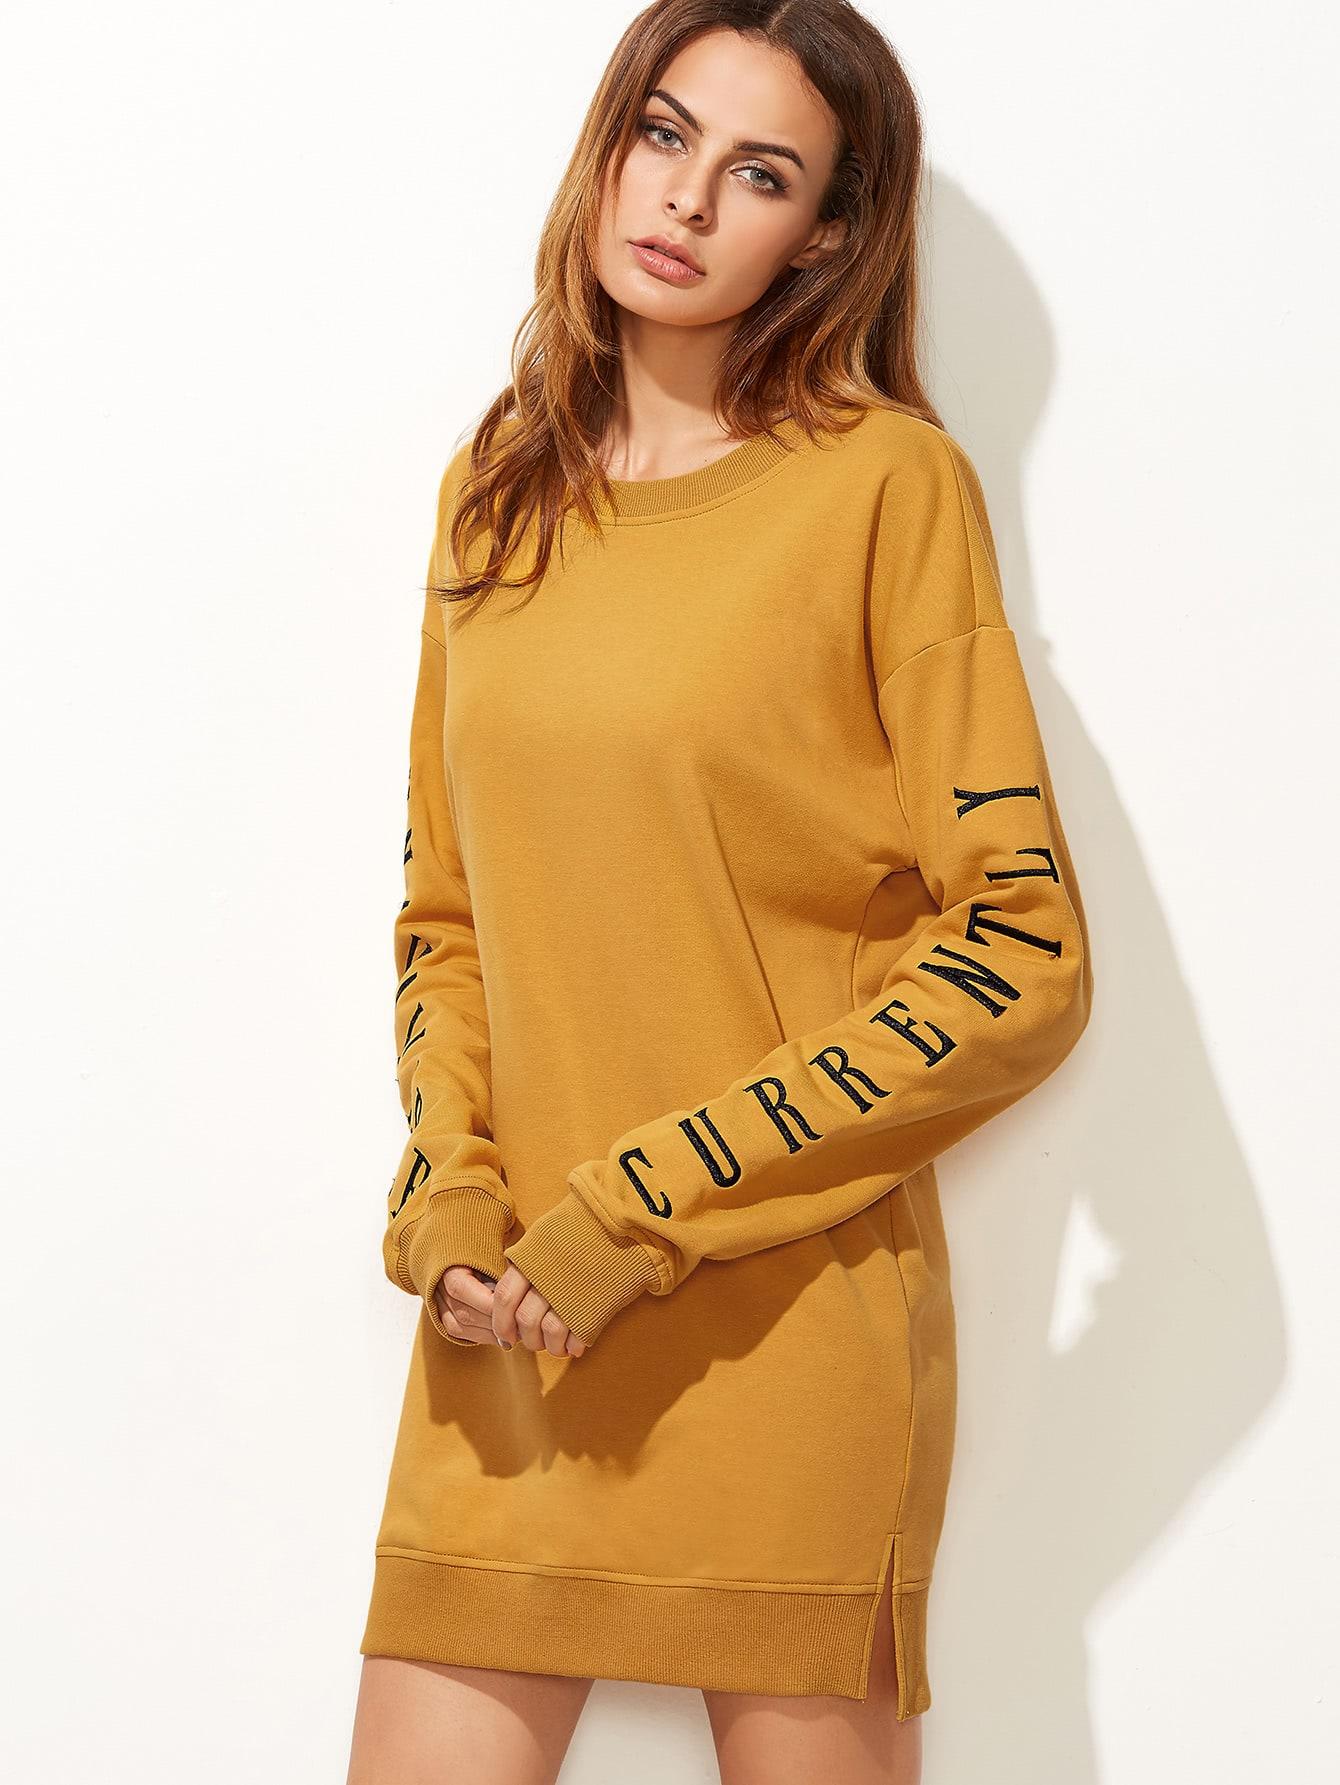 dress161101712_2